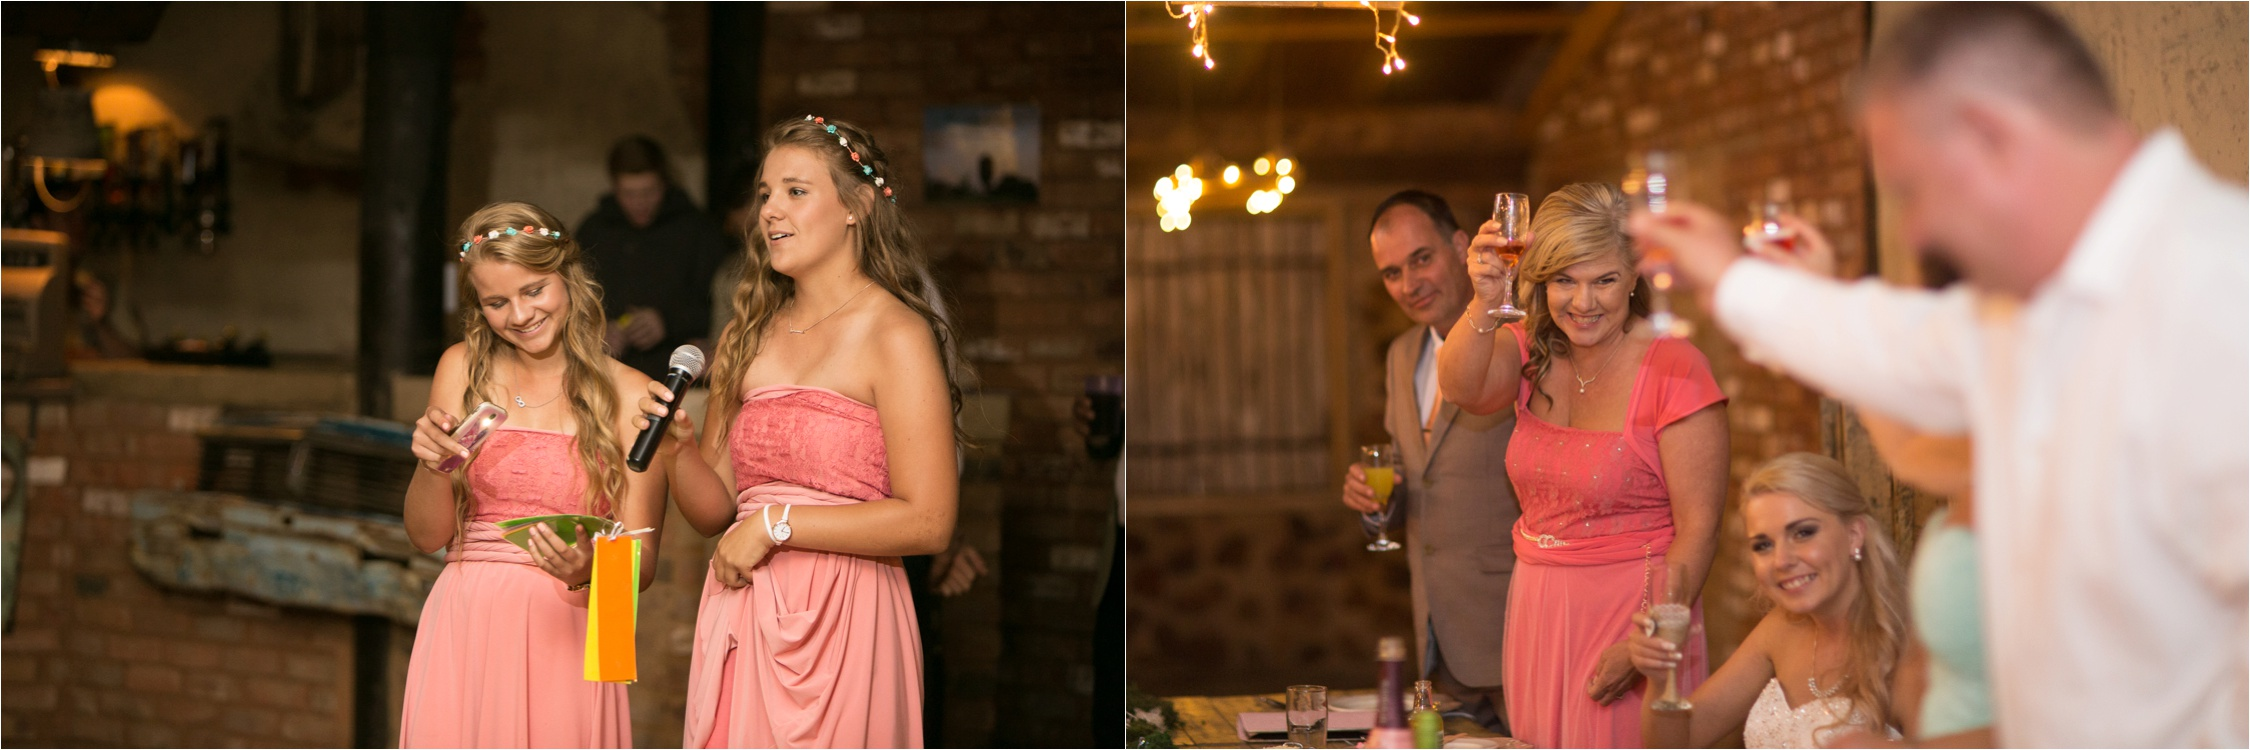 Die_Waenhuiskraal_wedding_Alicia_Dwayne_76